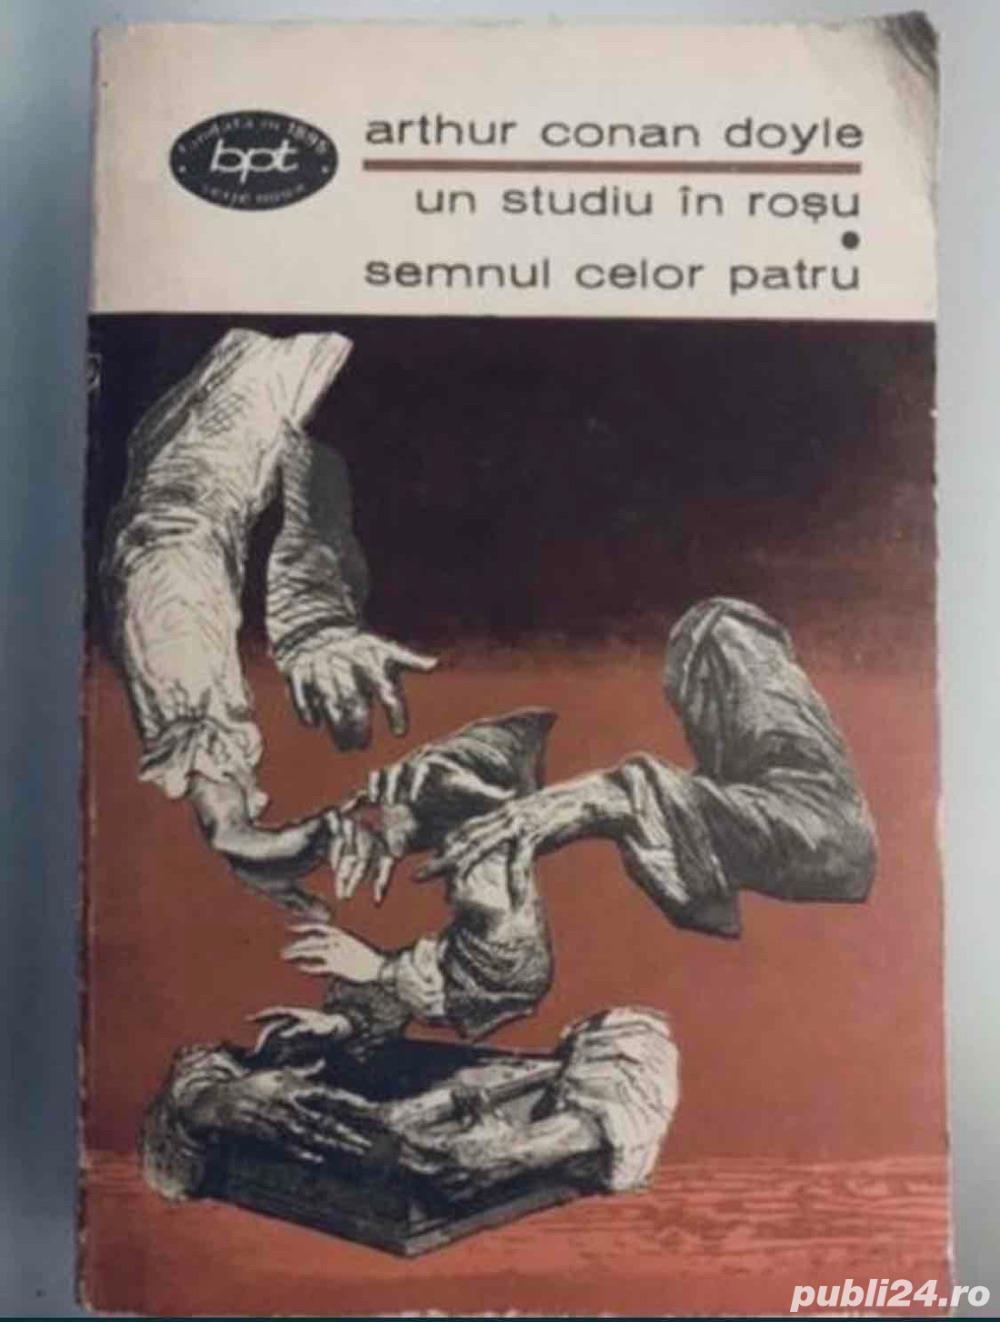 Un studiu in rosu * Semnul celor patru, de Arthur Conan Doyle